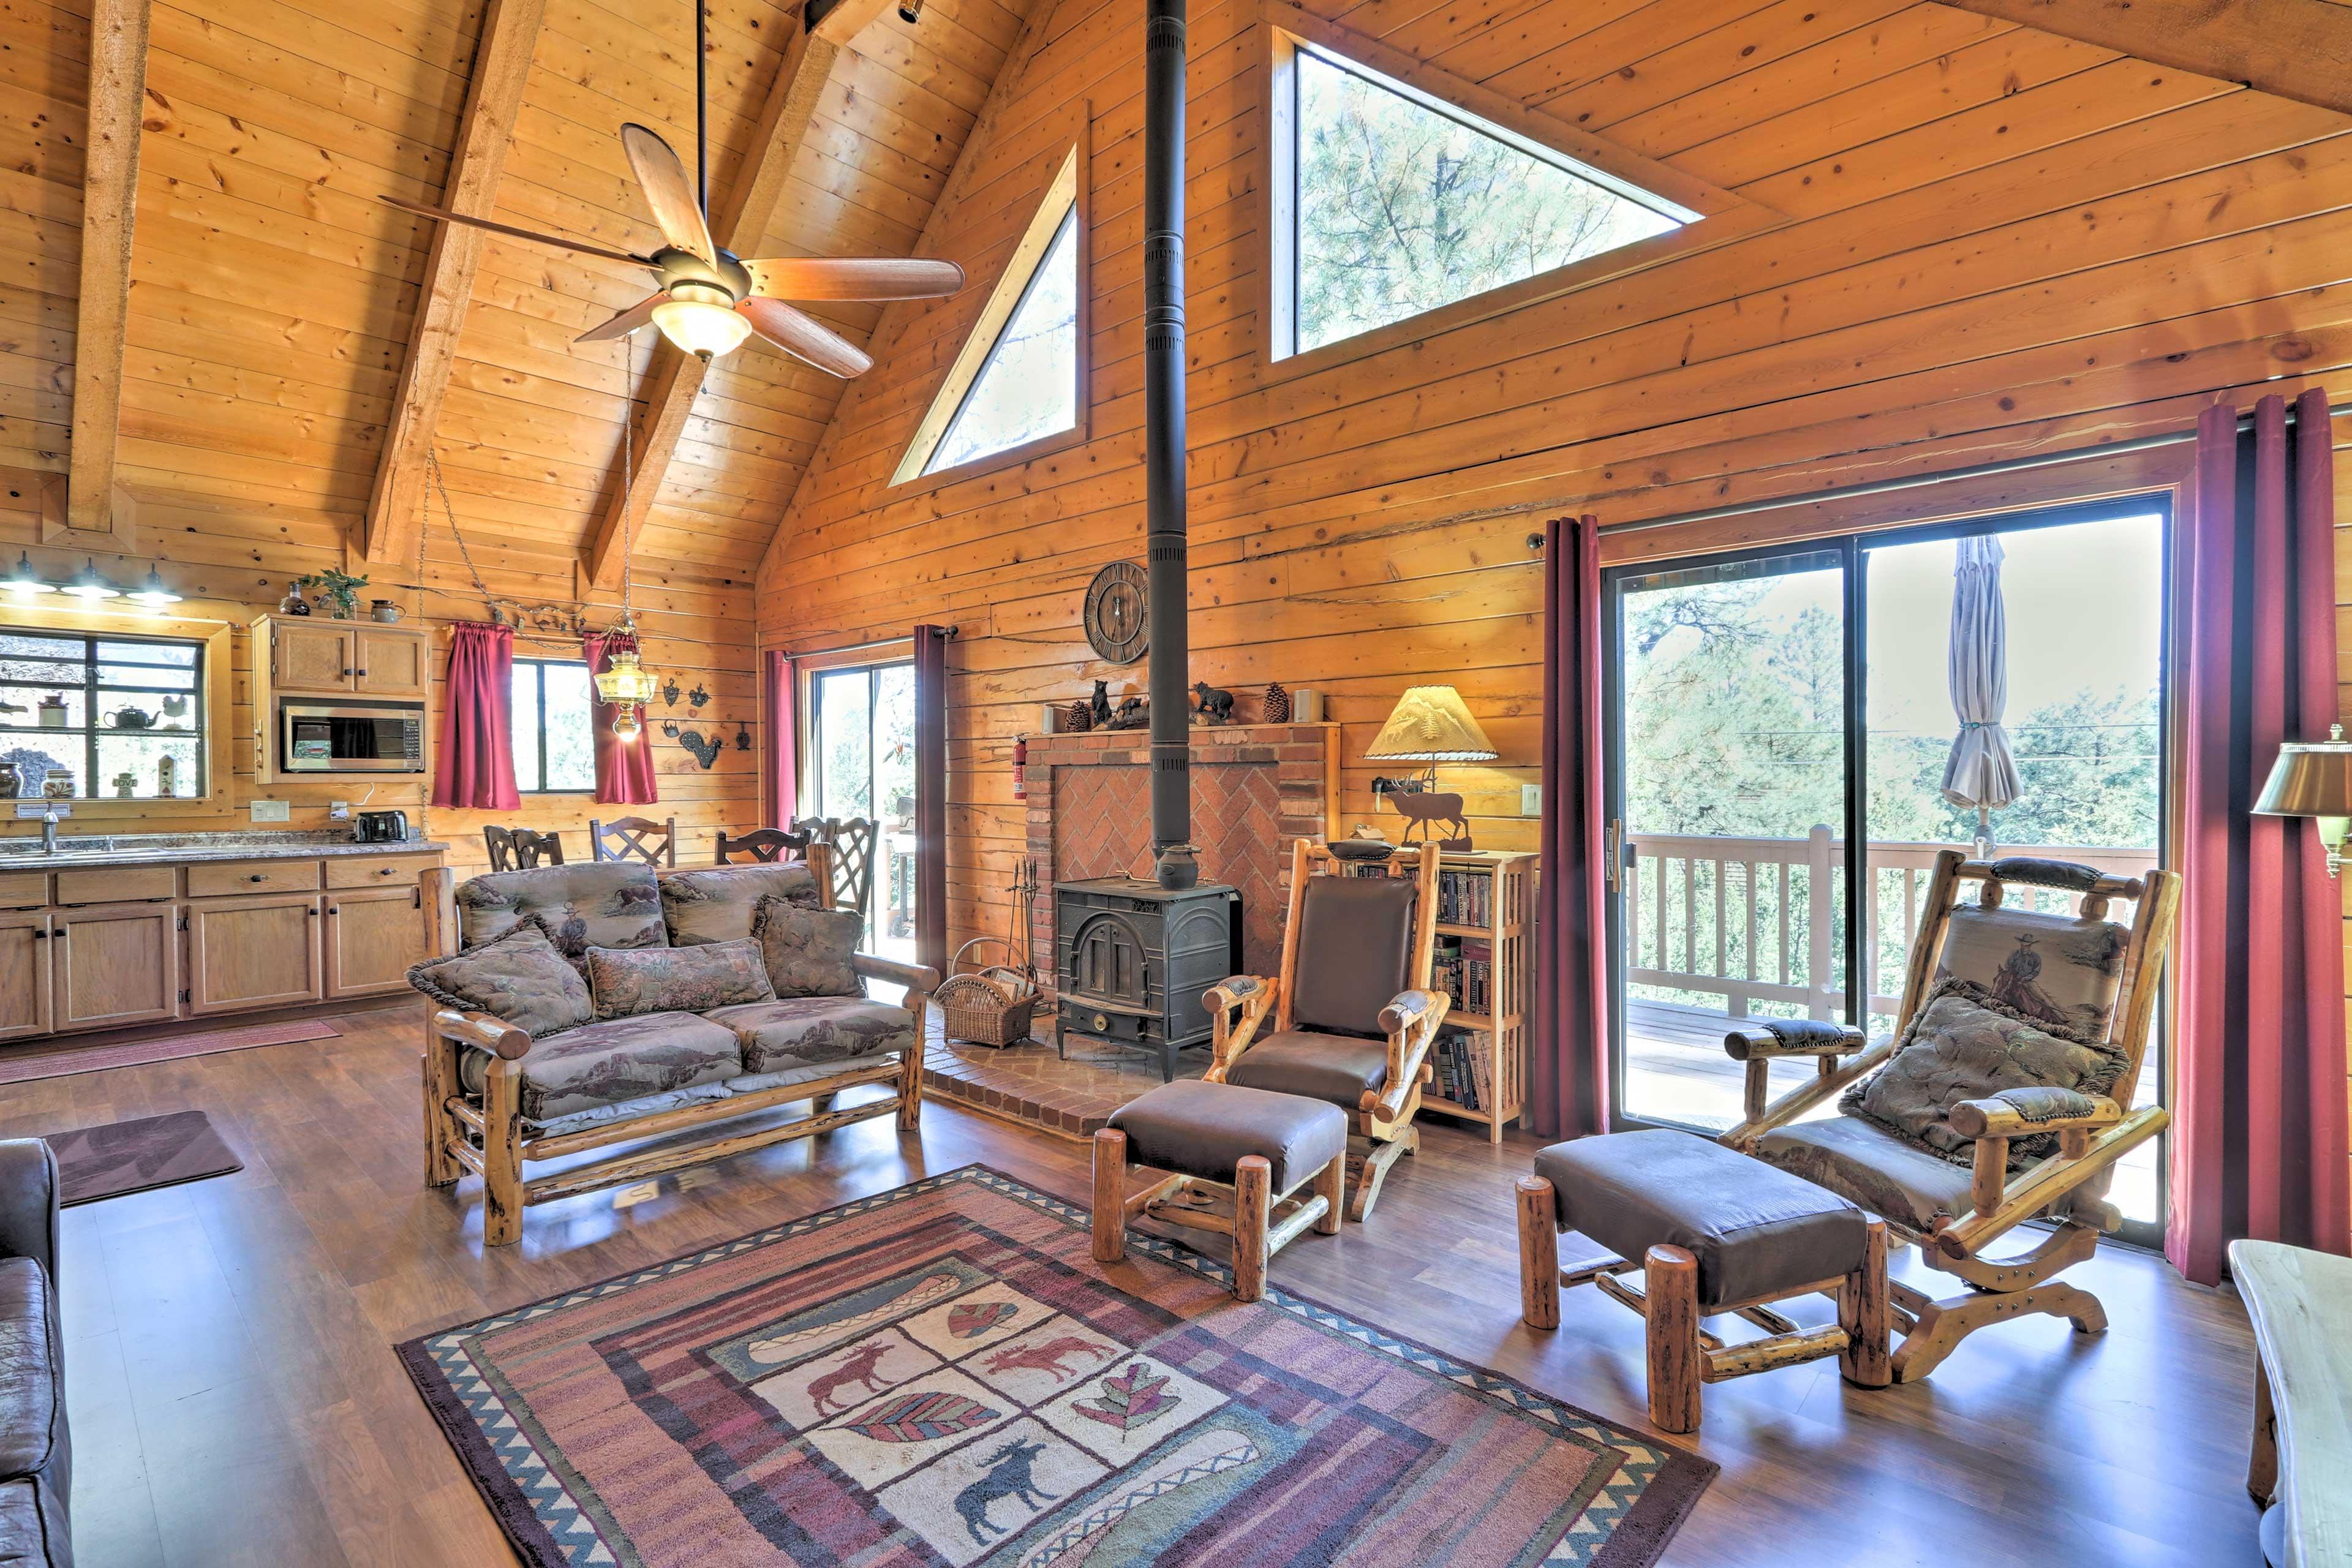 Come visit this 3-bedroom, 2-bathroom cabin in Herber Overgaard!